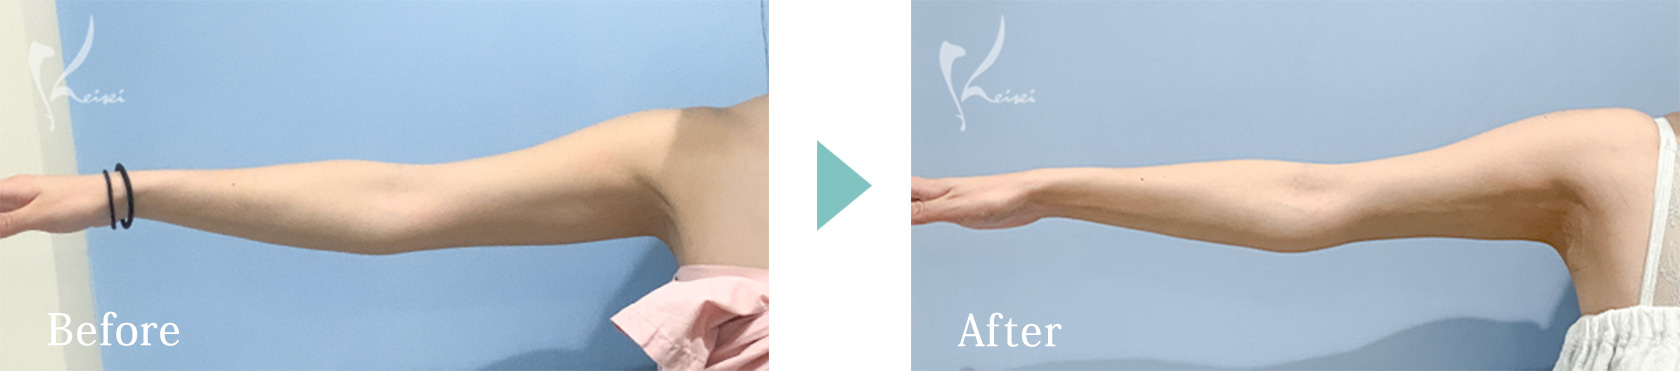 上腕の脂肪吸引の施術前後の比較写真 その1